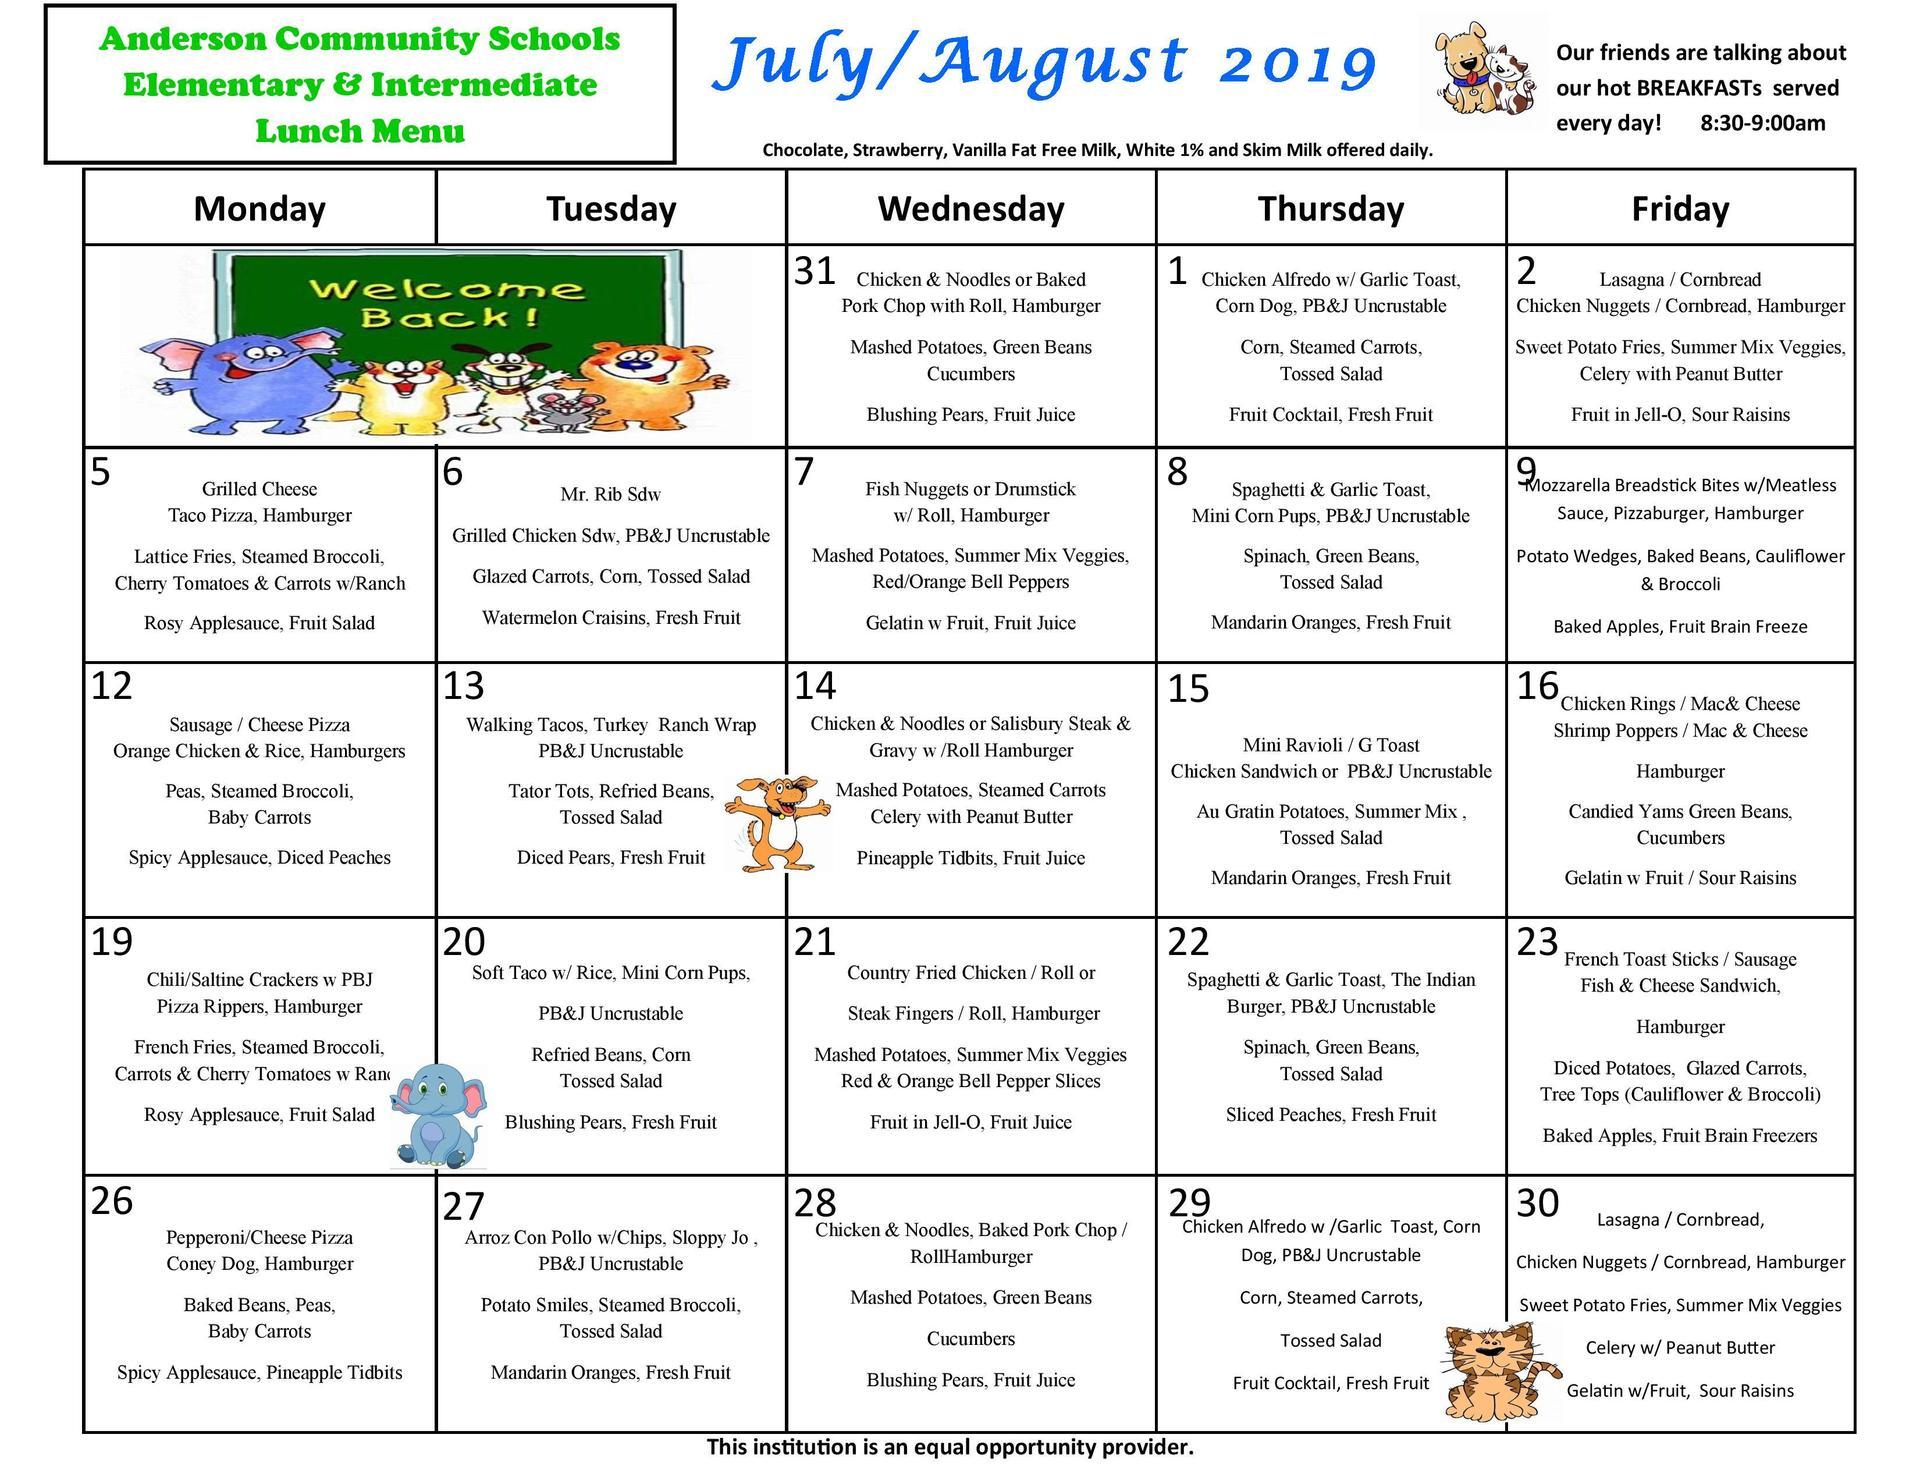 July/August menu